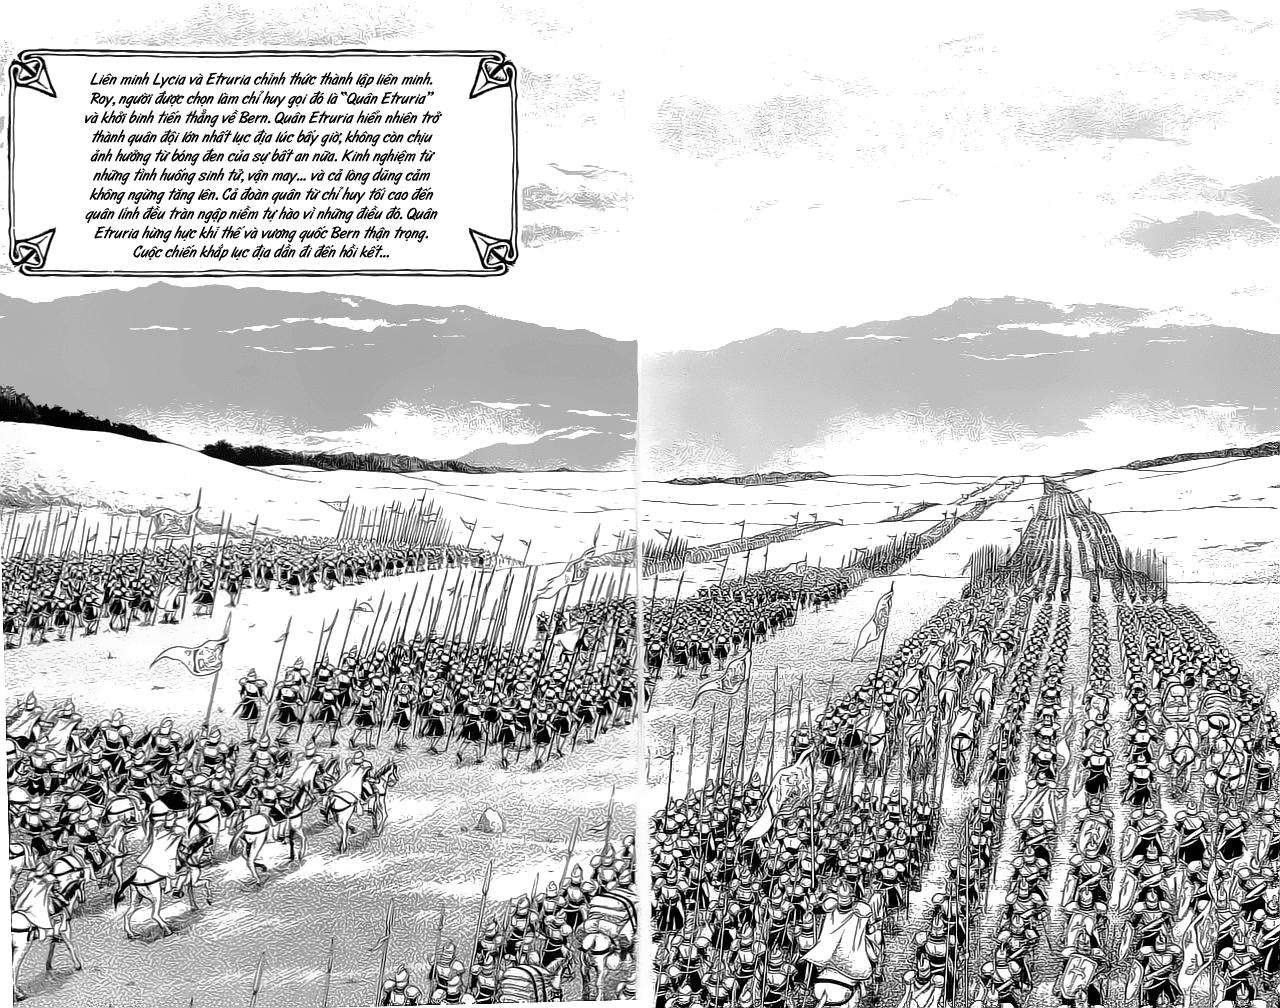 Fire Emblem - Hasha no Tsurugi chap 032 trang 30